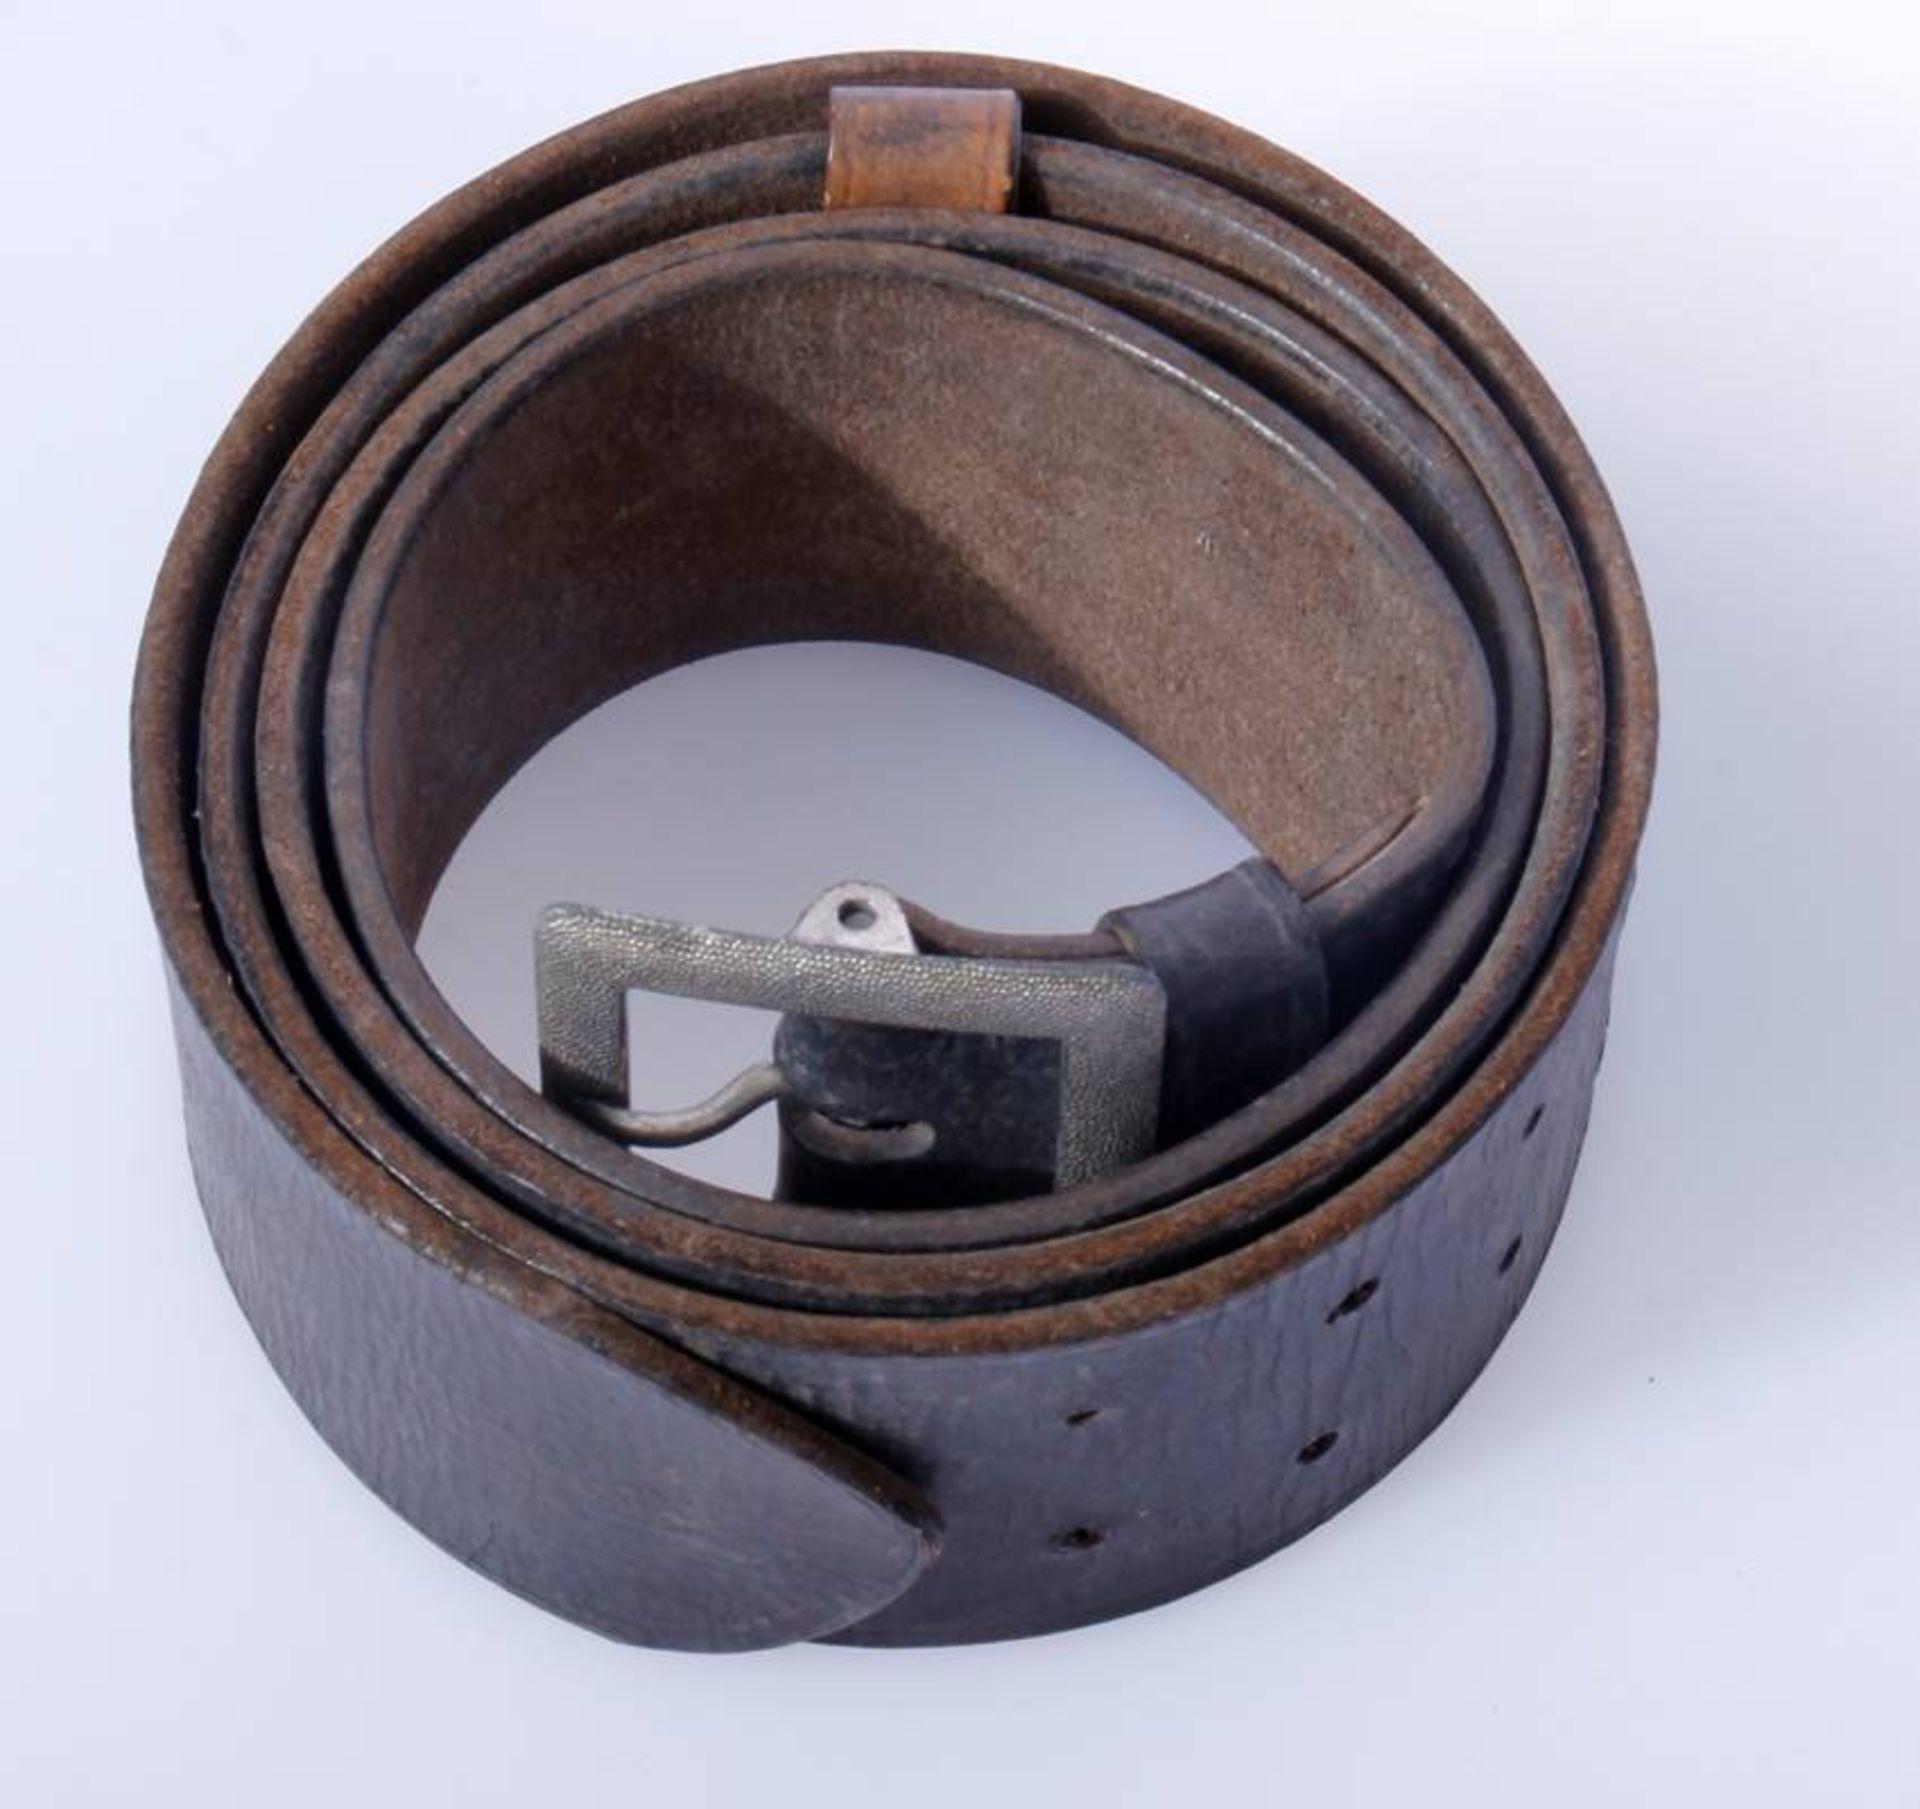 2 x Koppel für Offiziere der Wehrmacht2 x Koppel für Offiziere mit Aluminium Schließen, Leder